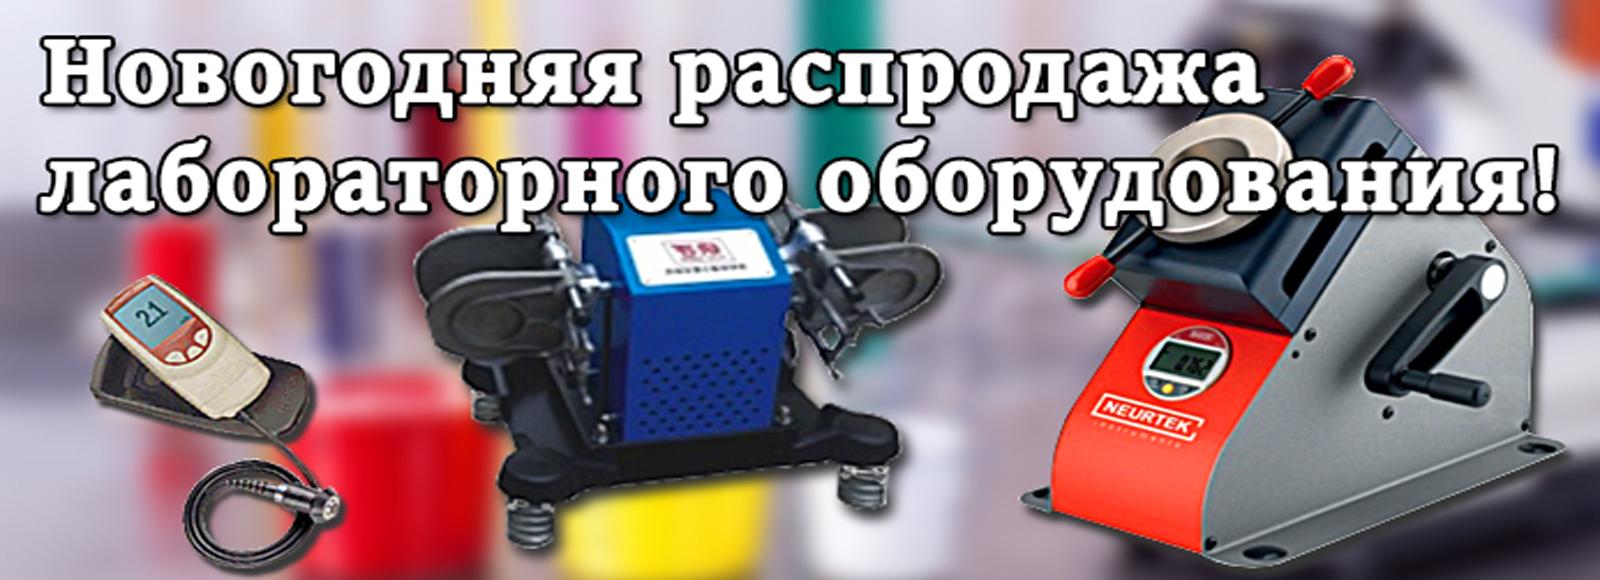 Новогодняя распродажа лабораторного оборудования